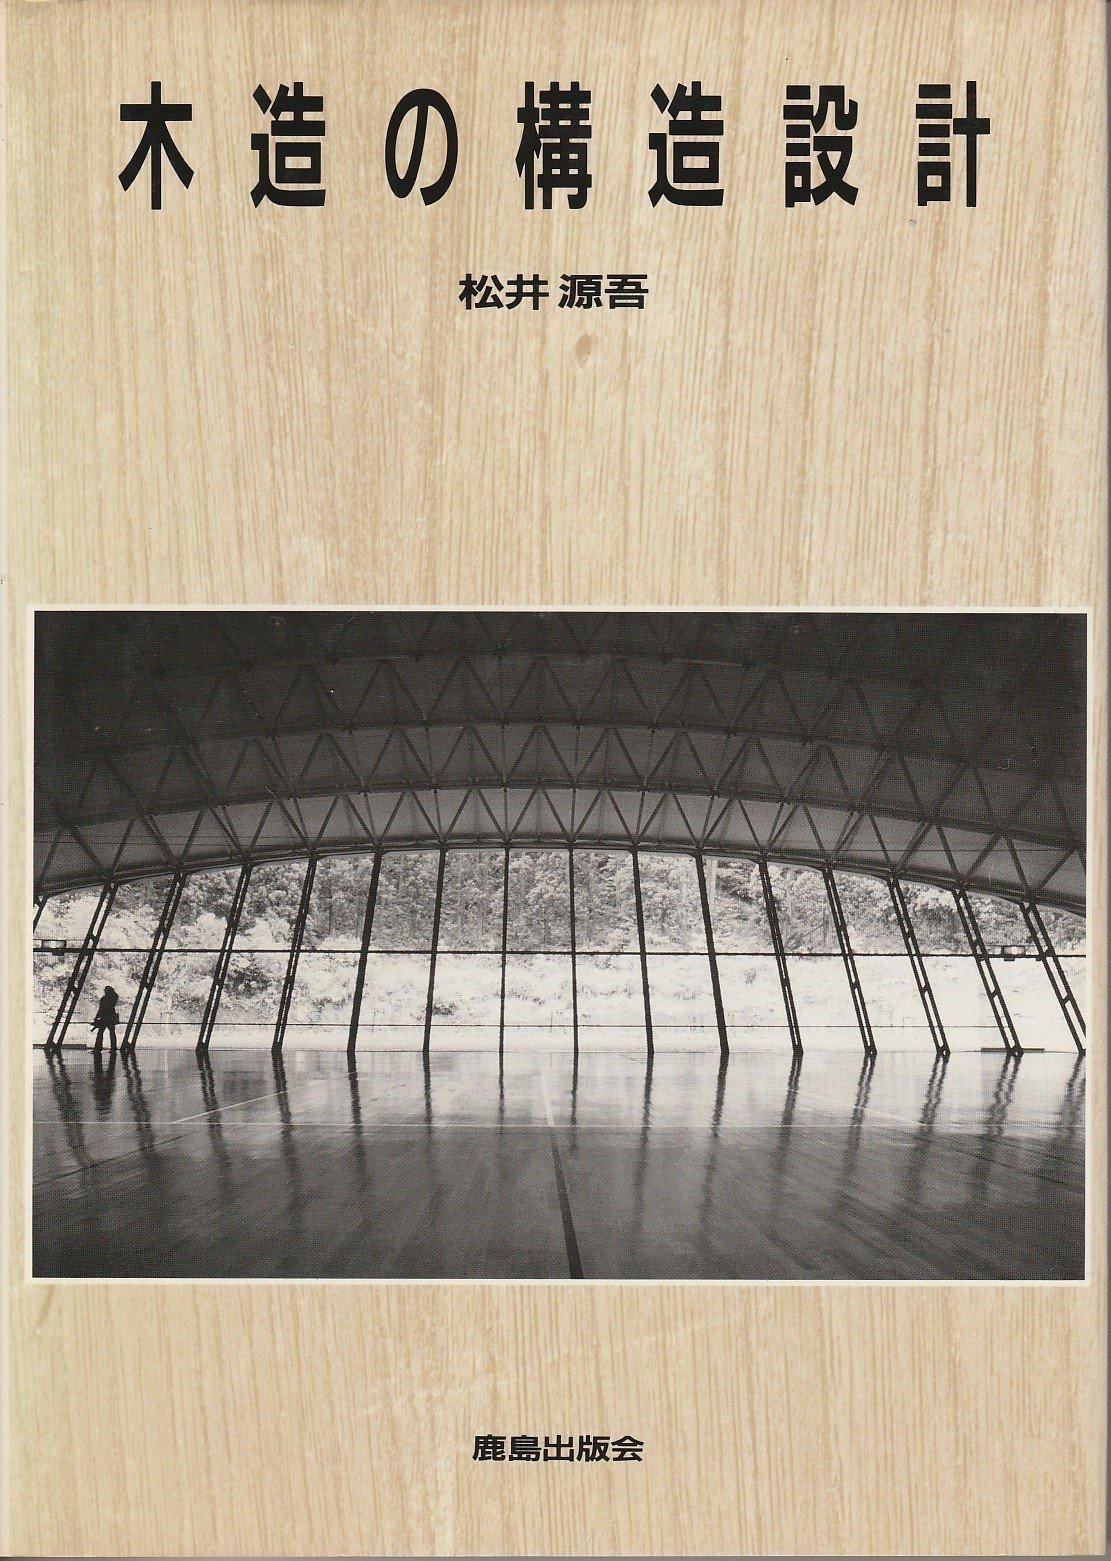 木造の構造設計 | 松井 源吾 |本 | 通販 | Amazon